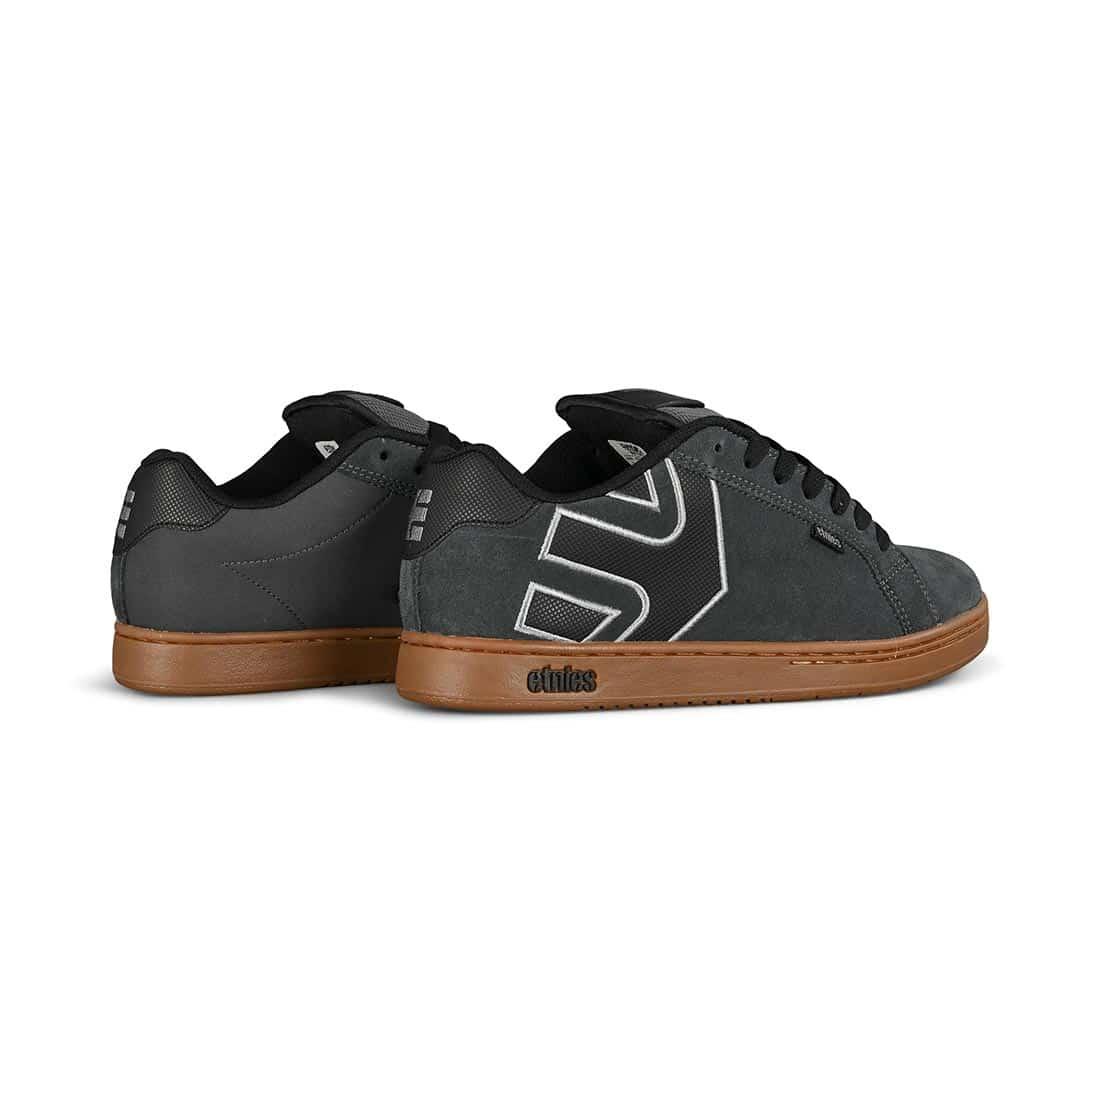 Etnies Fader Shoes Grey/Black/Gum